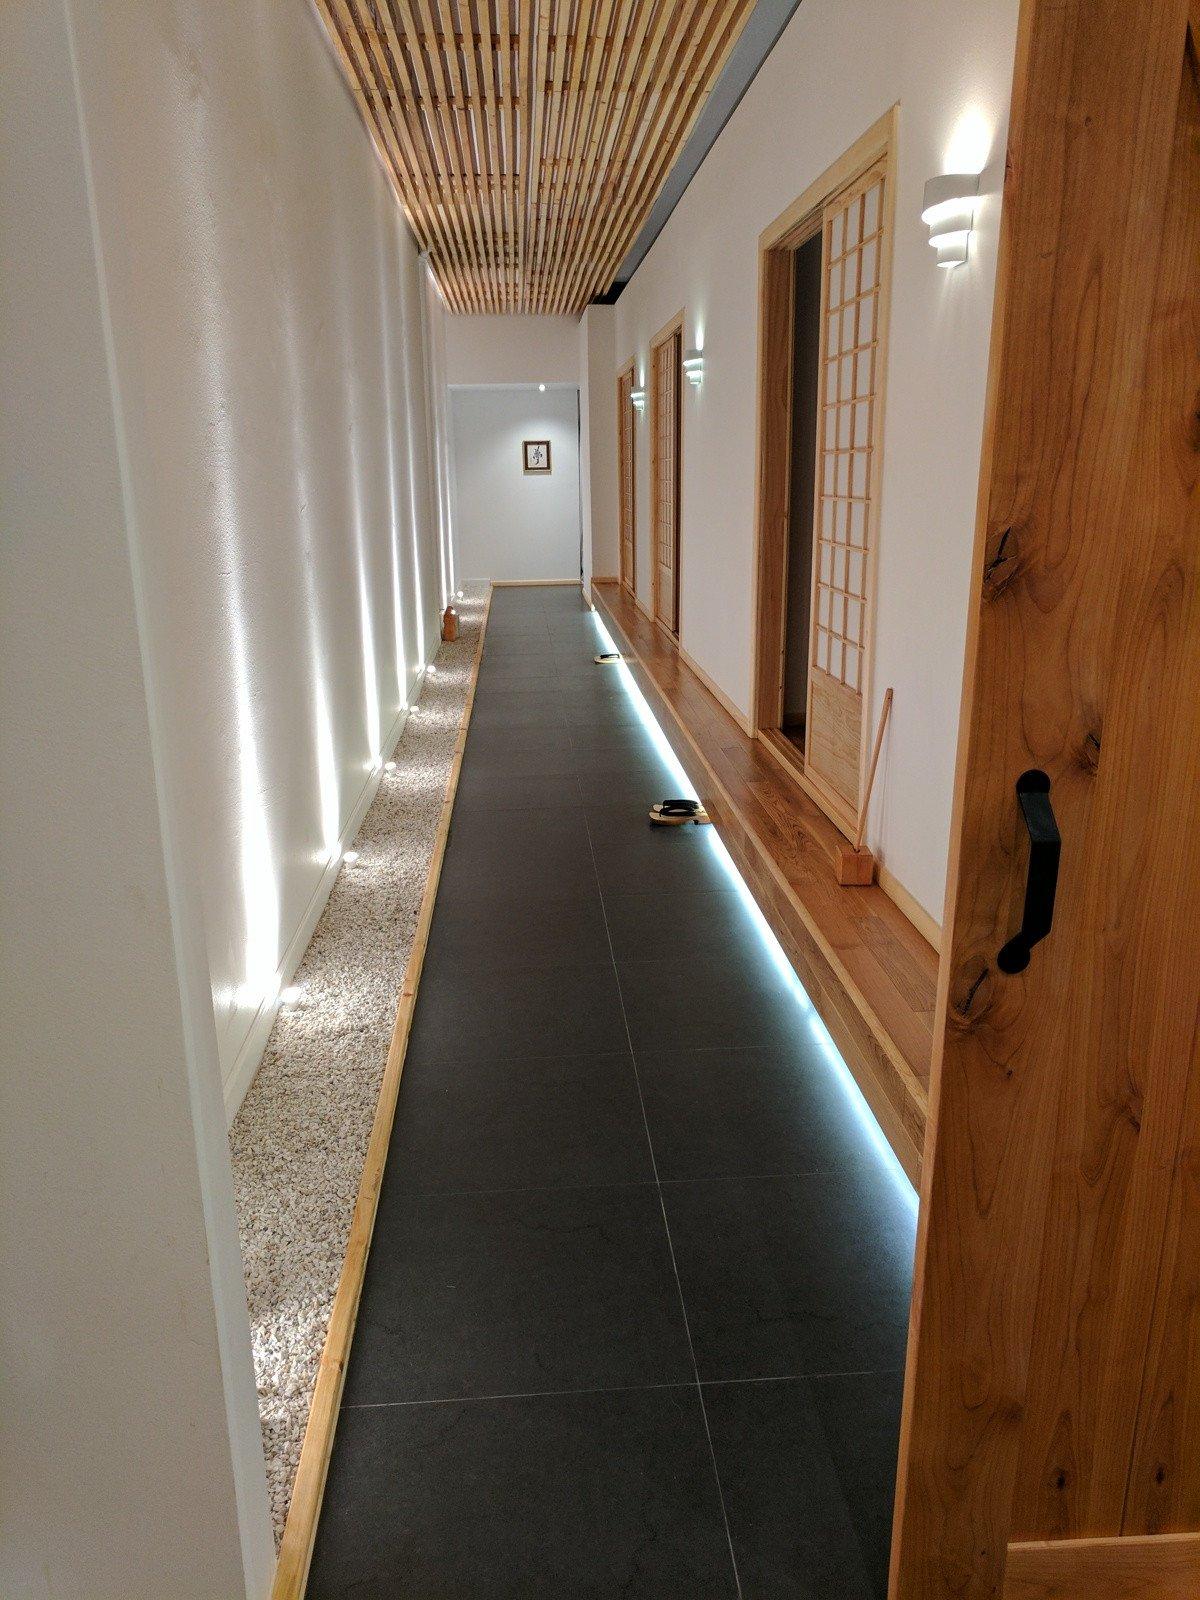 hideko_spa_-_gallery_-_hallway.jpg